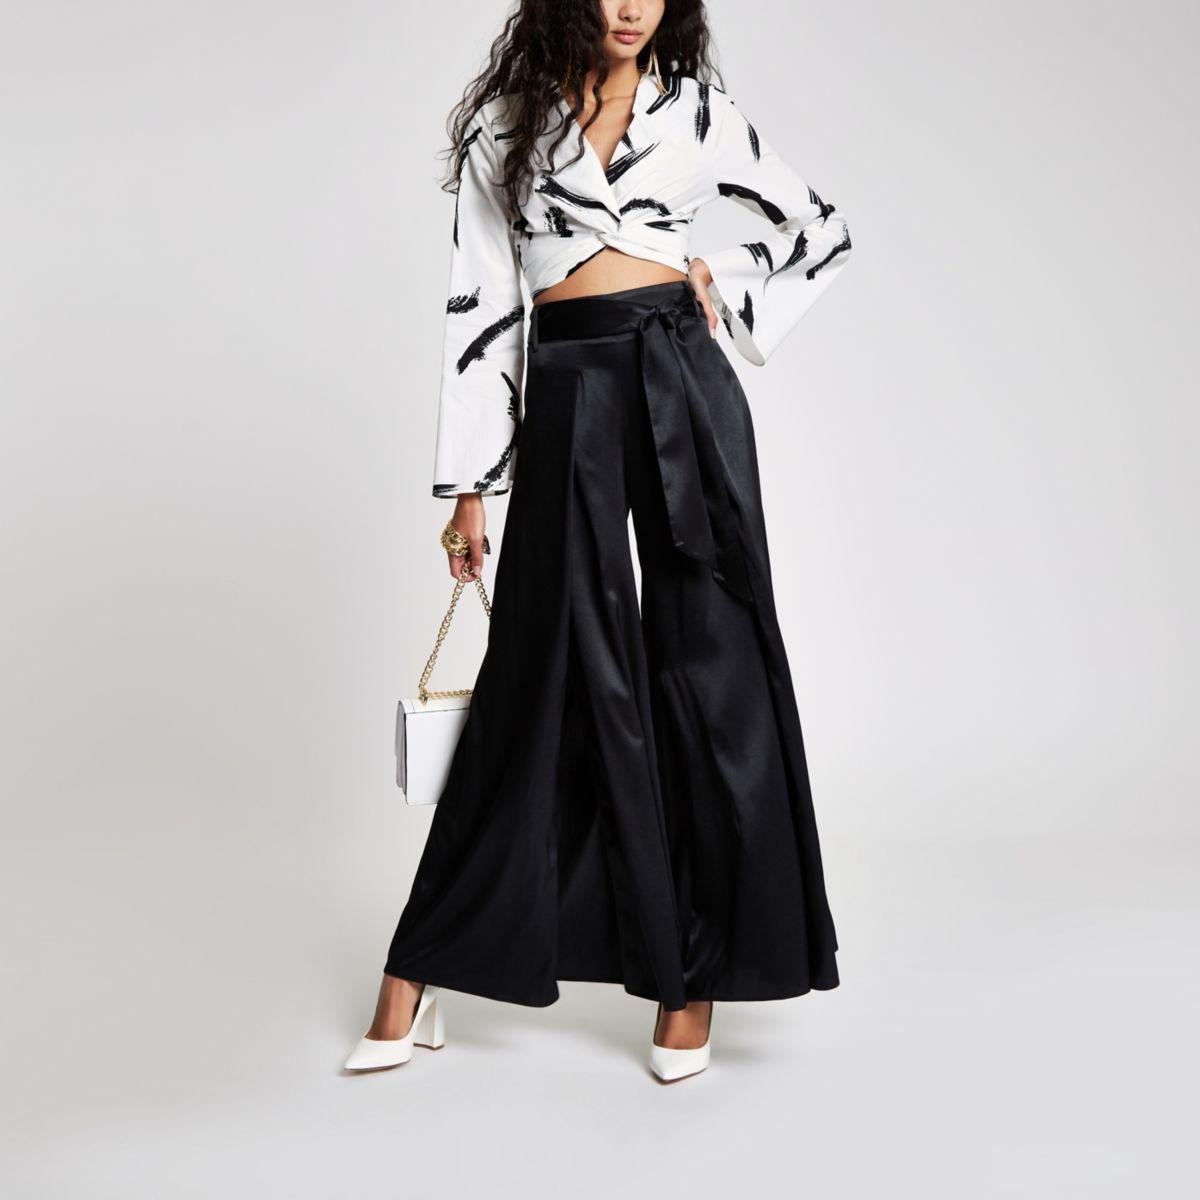 Zwarte broek met wijde pijpen, split en strikceintuur